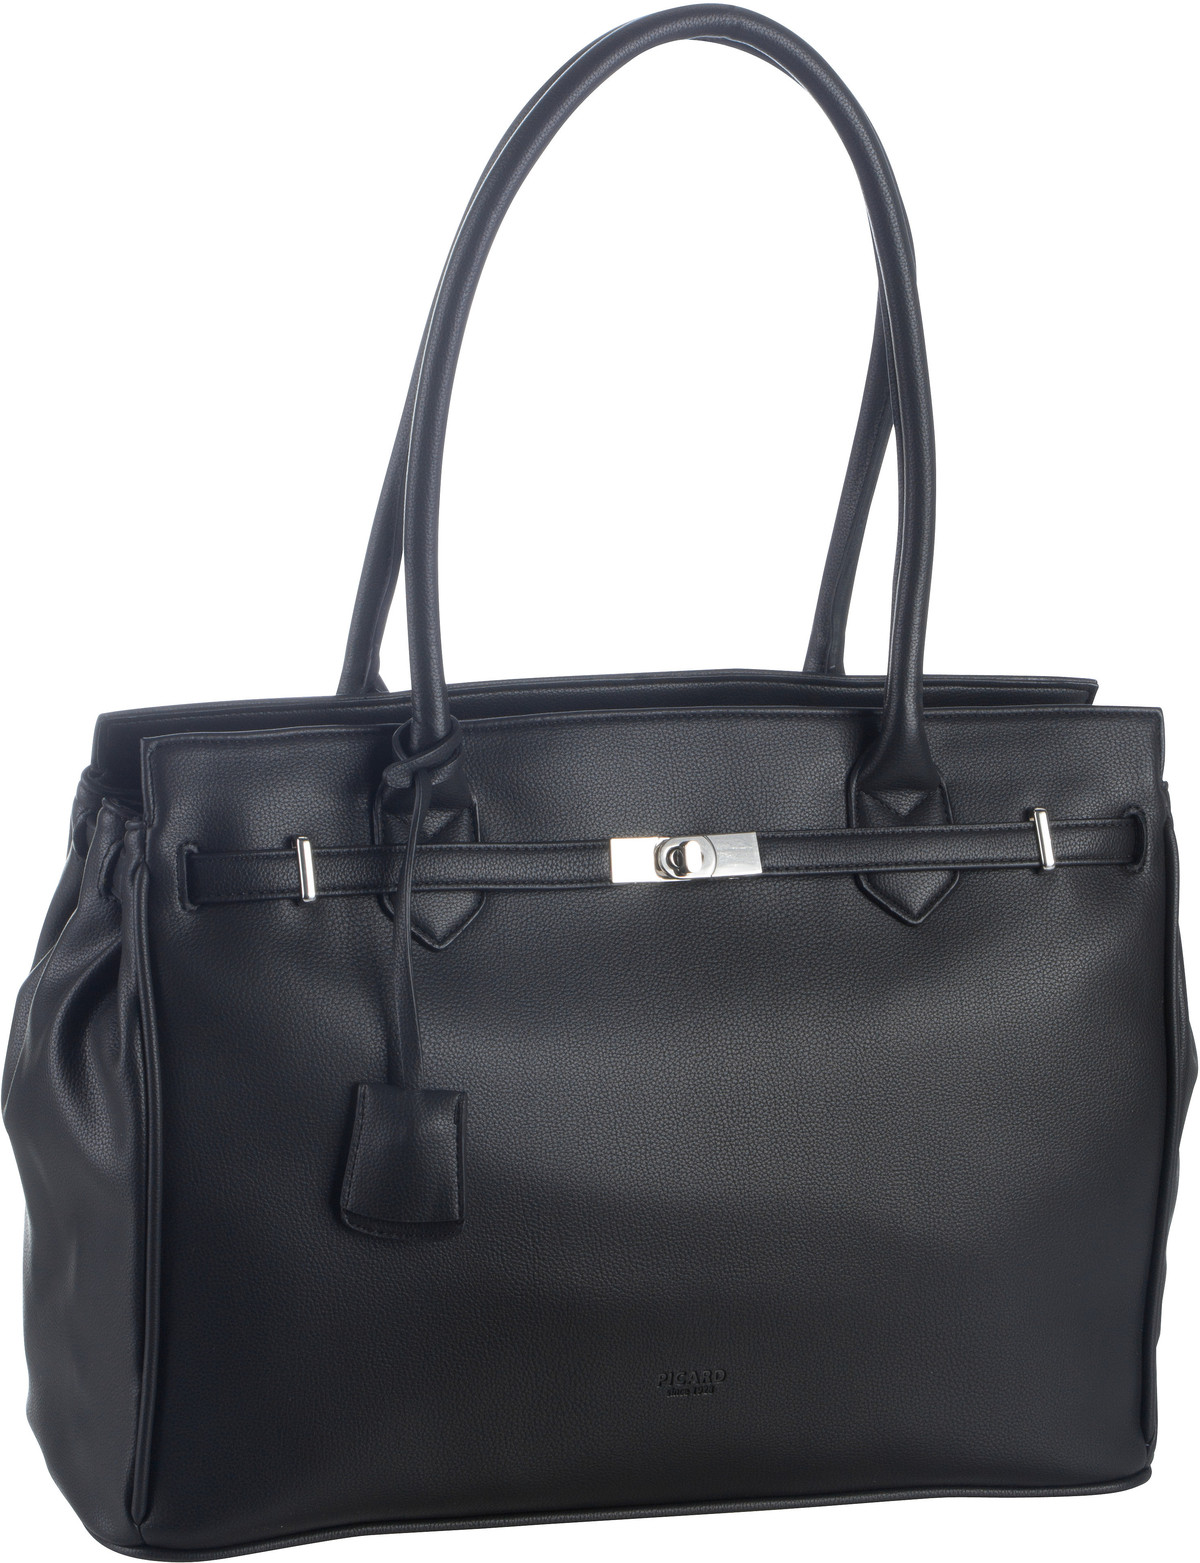 Handtasche New York 9680 Schwarz